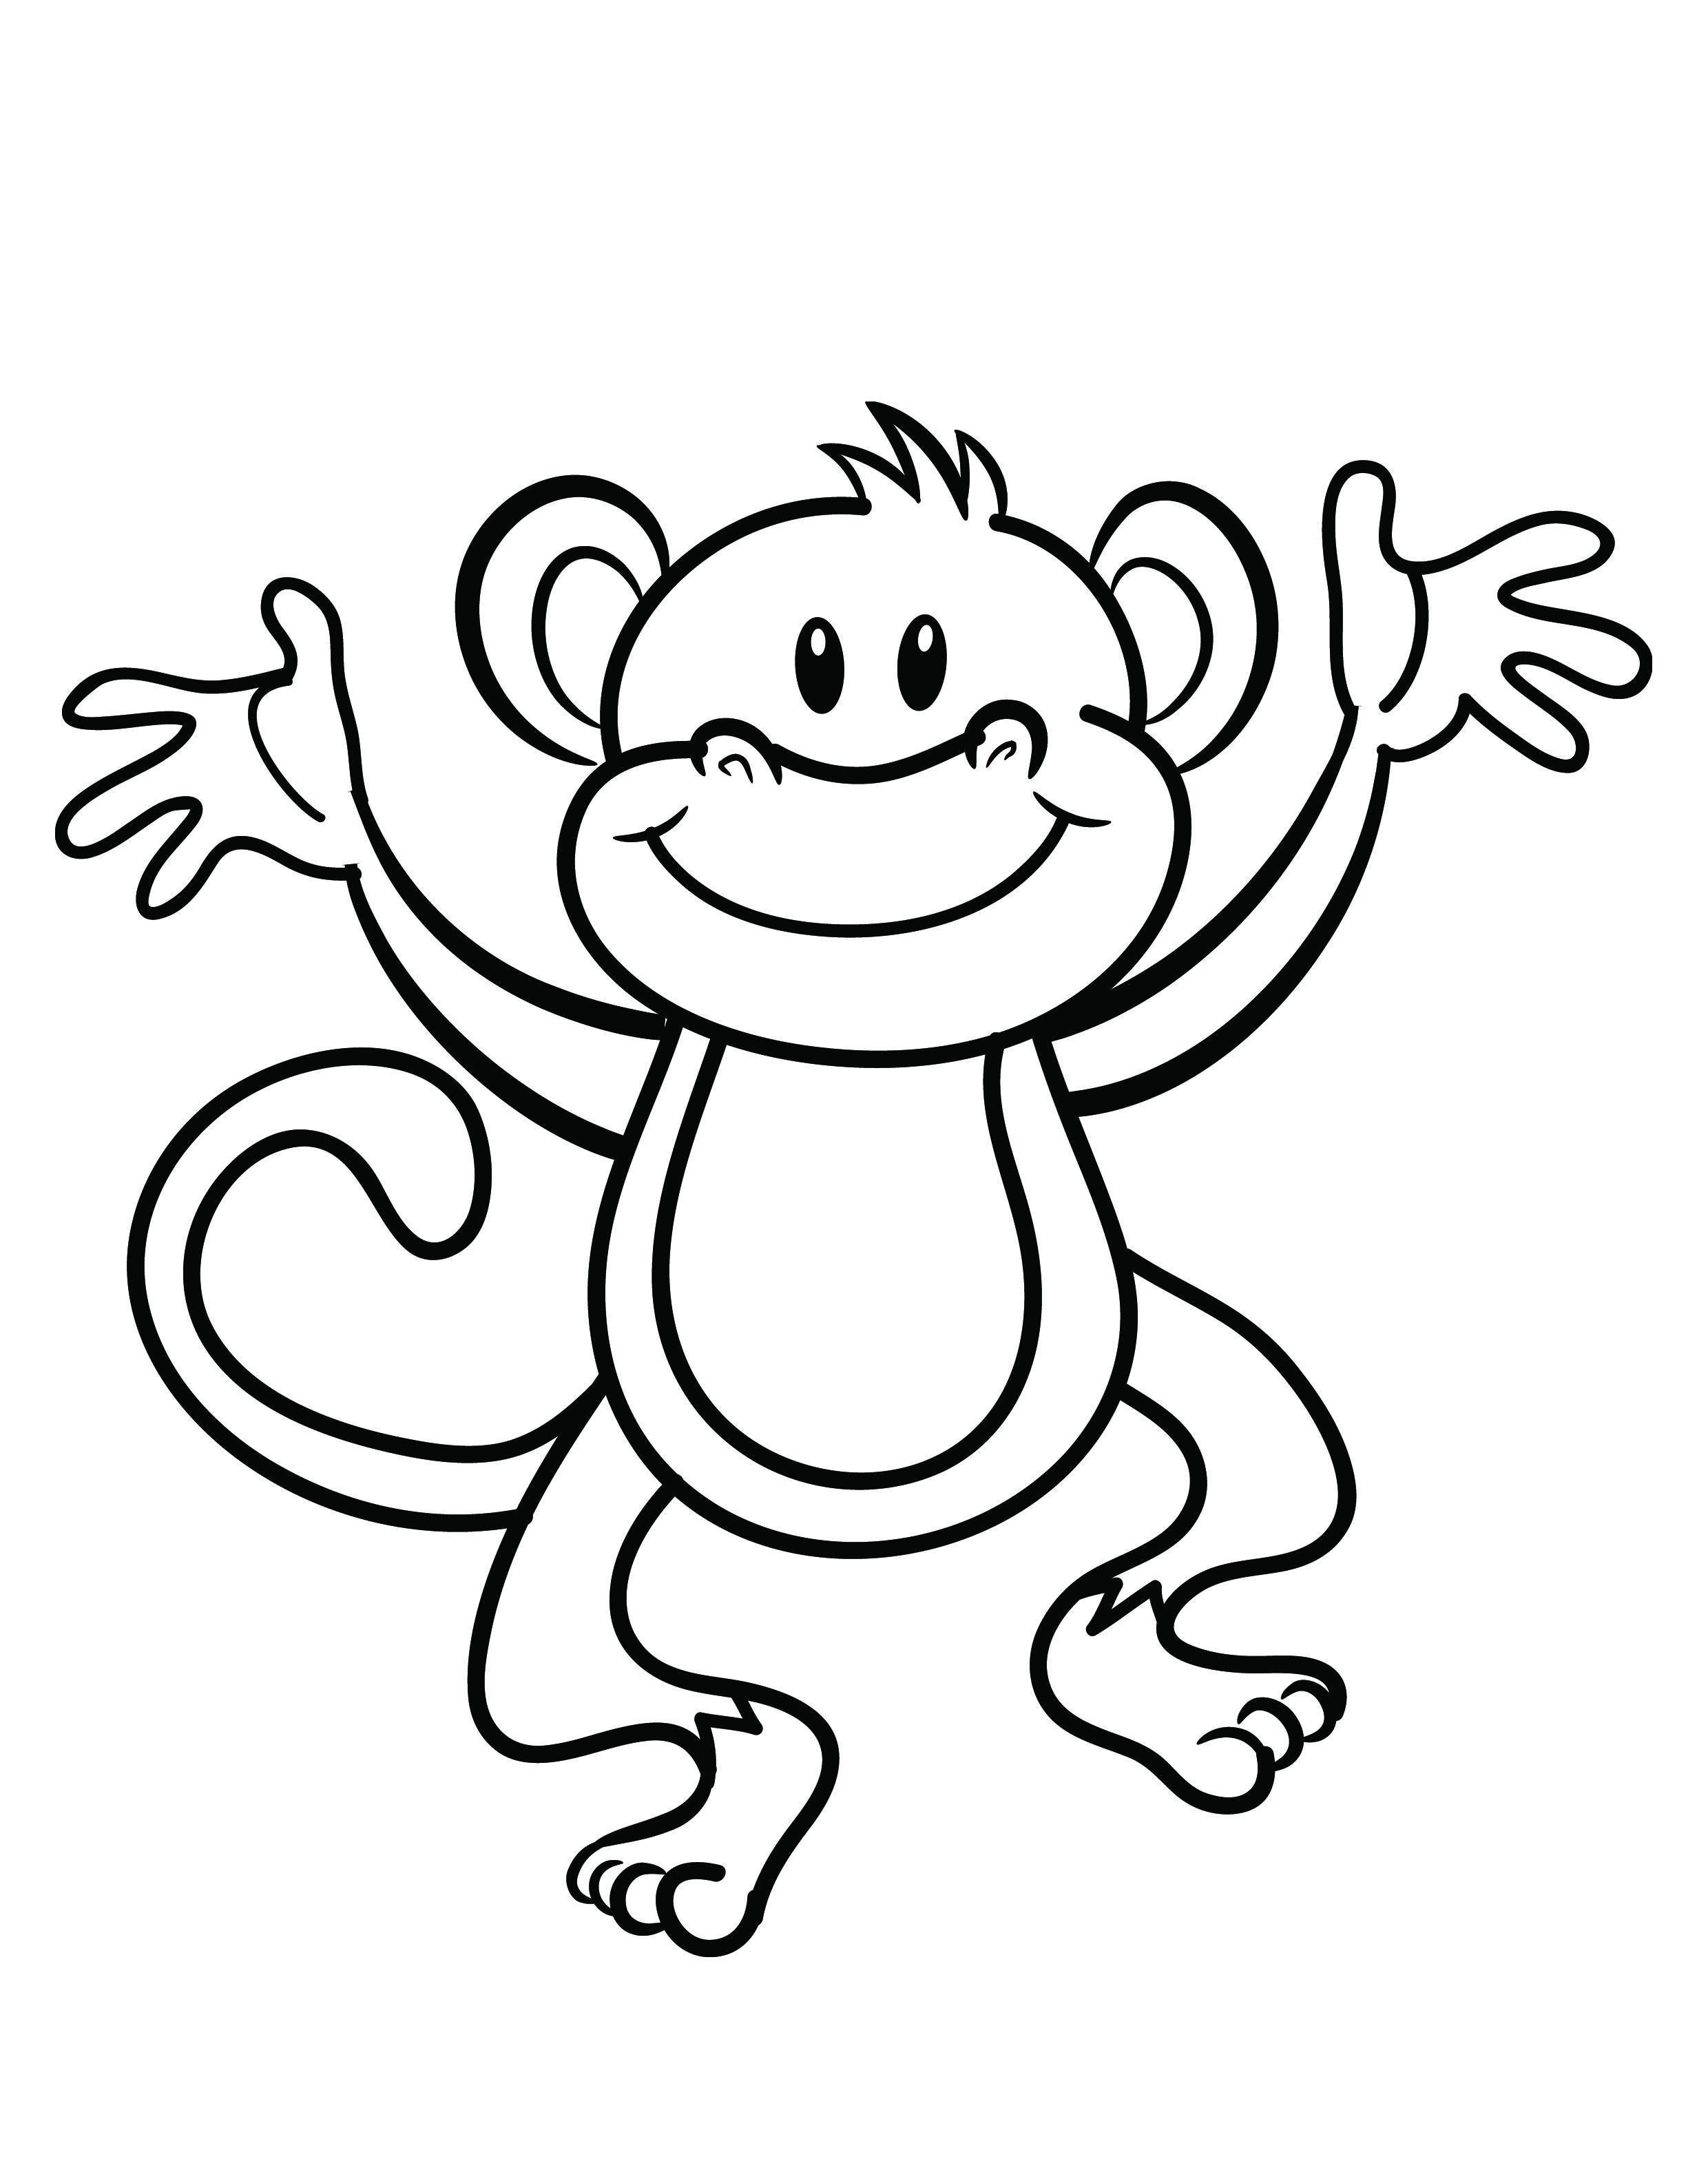 Free Printable Monkey Coloring Page | Cj 1St Birthday | Monkey - Free Printable Monkey Coloring Pages